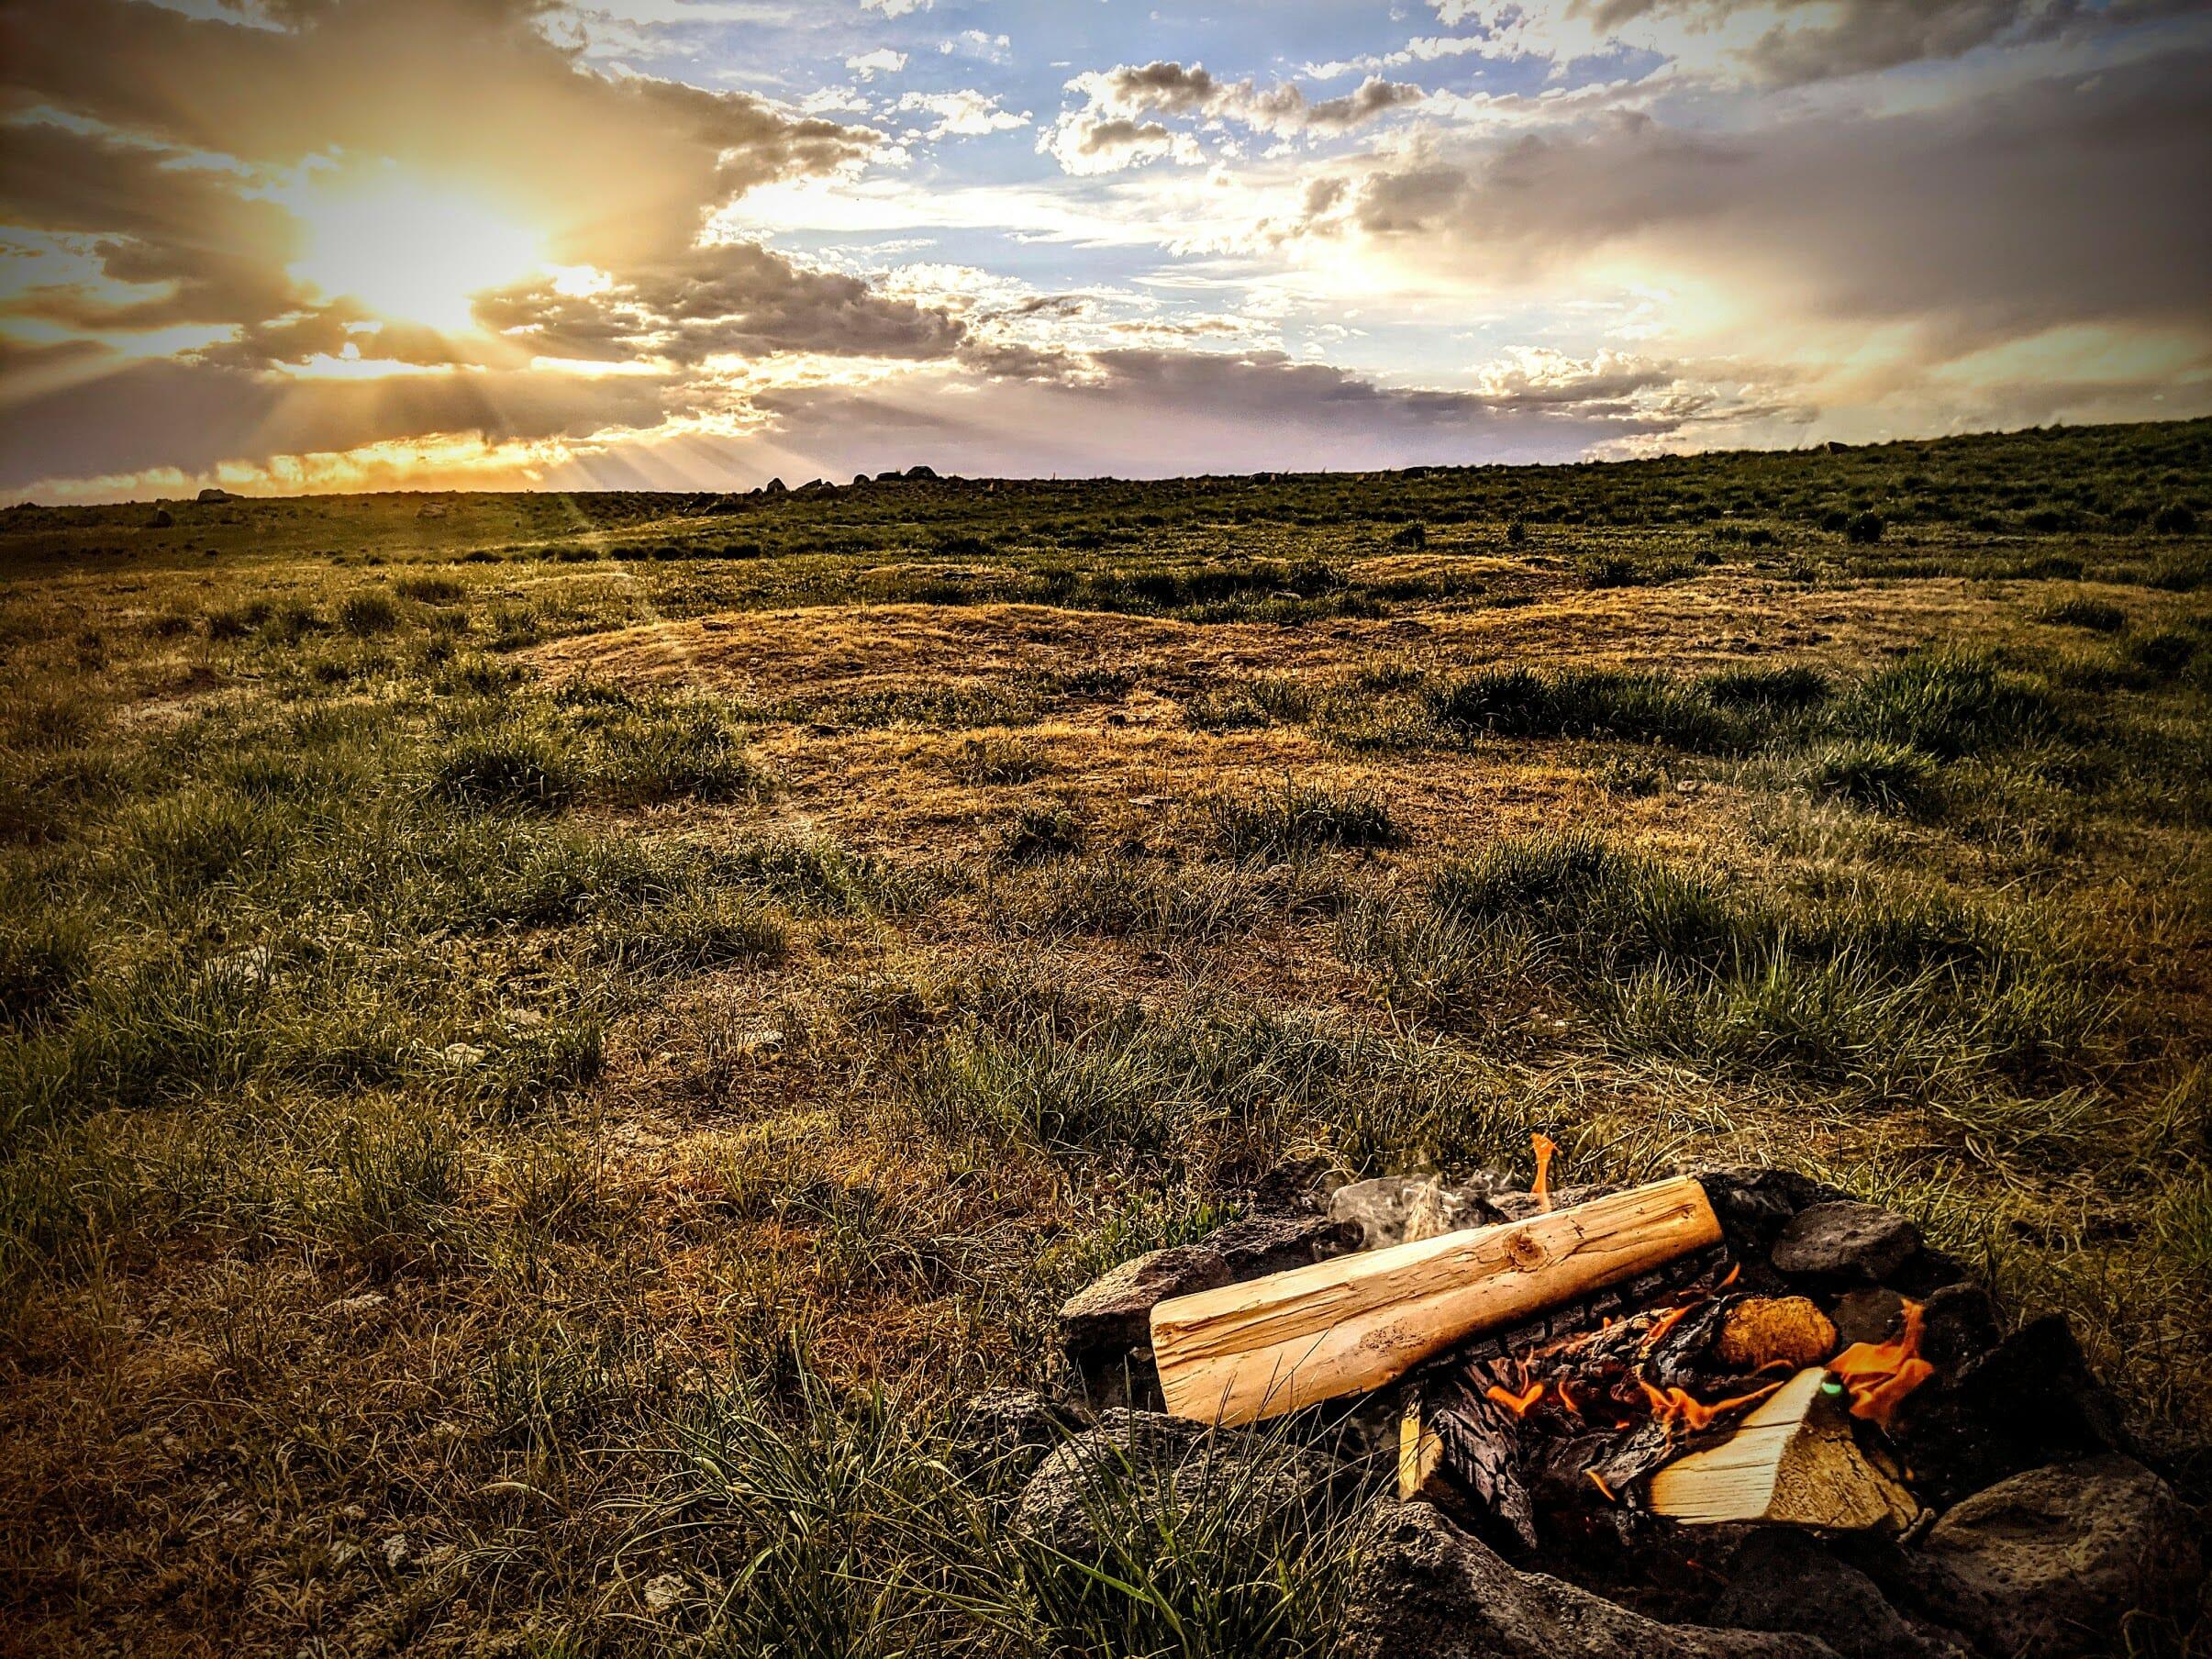 Sunset over the Idaho desert